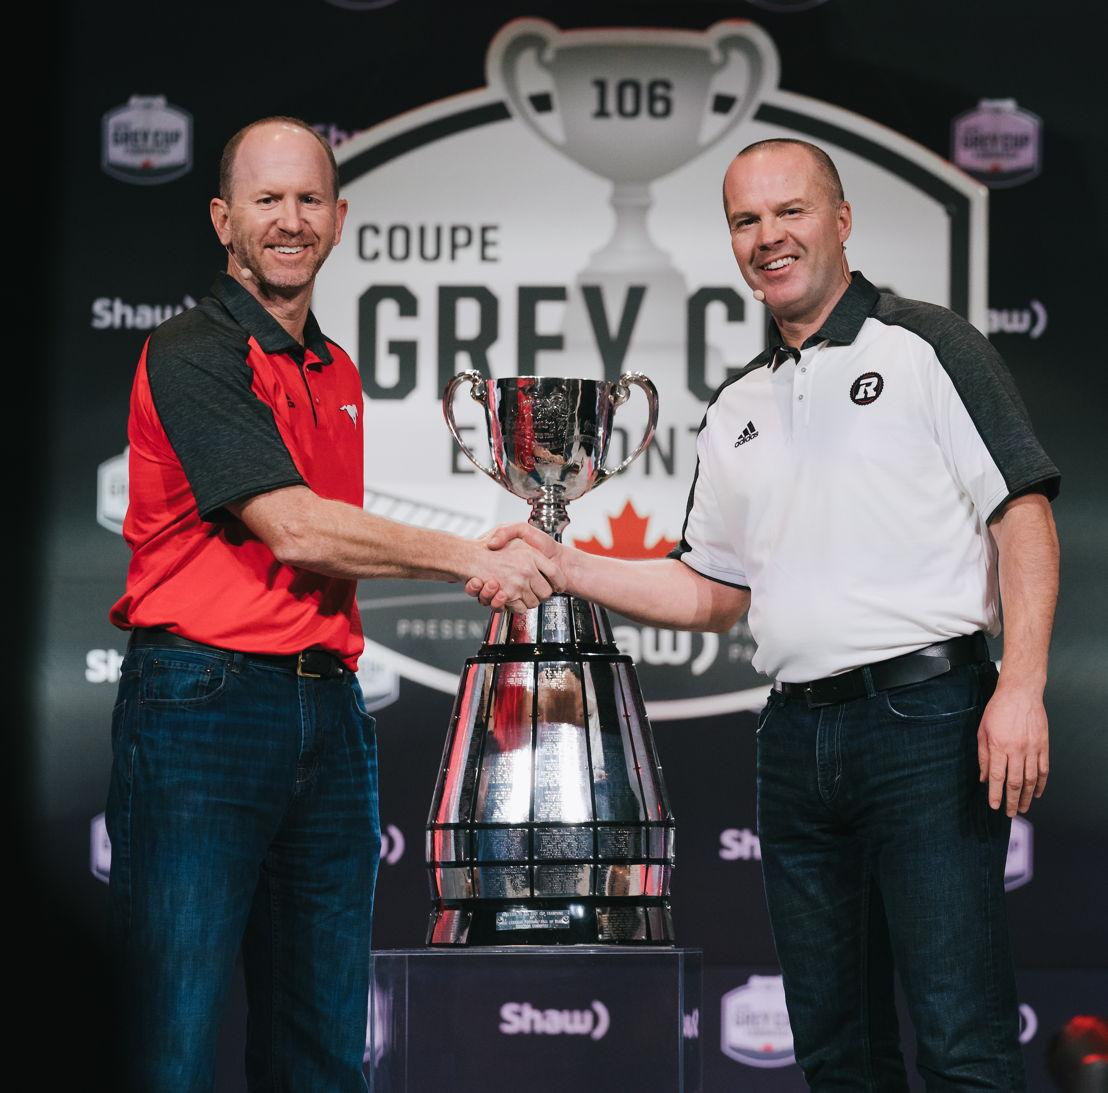 Dave Dickenson (à gauche) et Rick Campbell (à droite), lors de la conférence de presse de la Coupe Grey. Crédits photo : Johany Jutras/LCF.ca